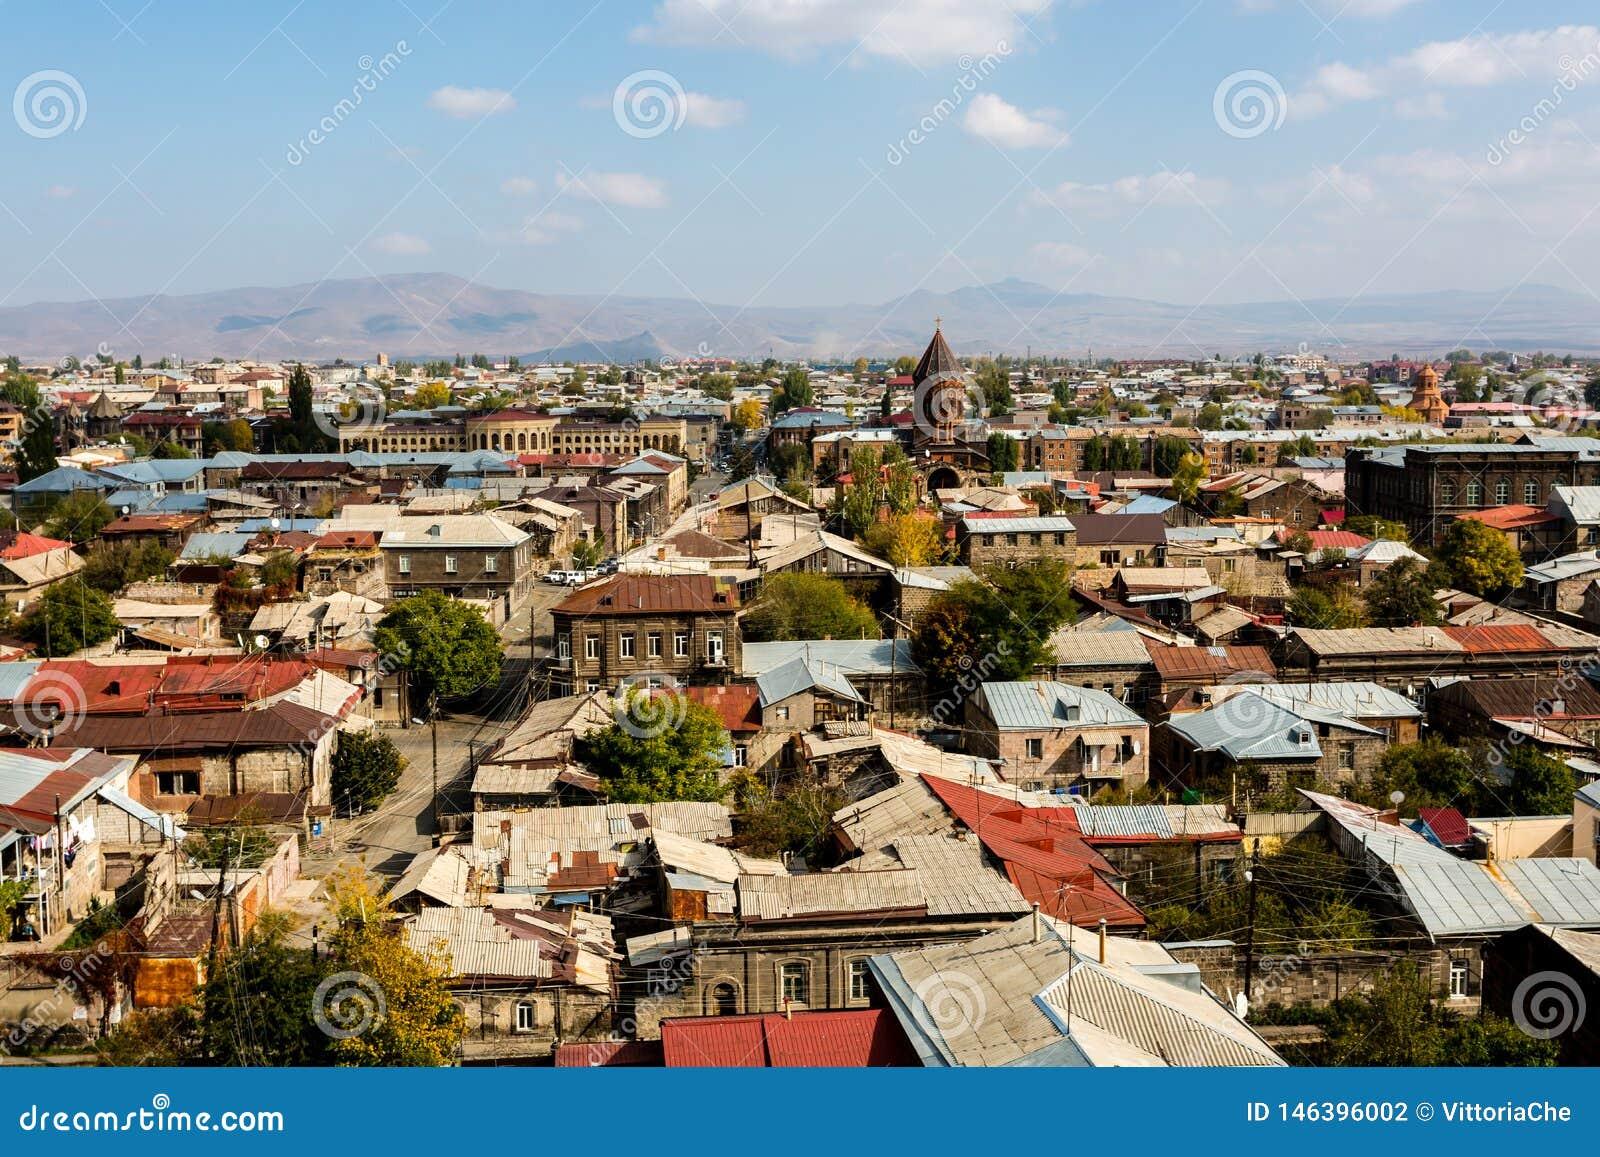 Άποψη σχετικά με την πόλη Gyumri, Αρμενία με το θόλο της εκκλησίας ενάντια στο σκηνικό των βουνών